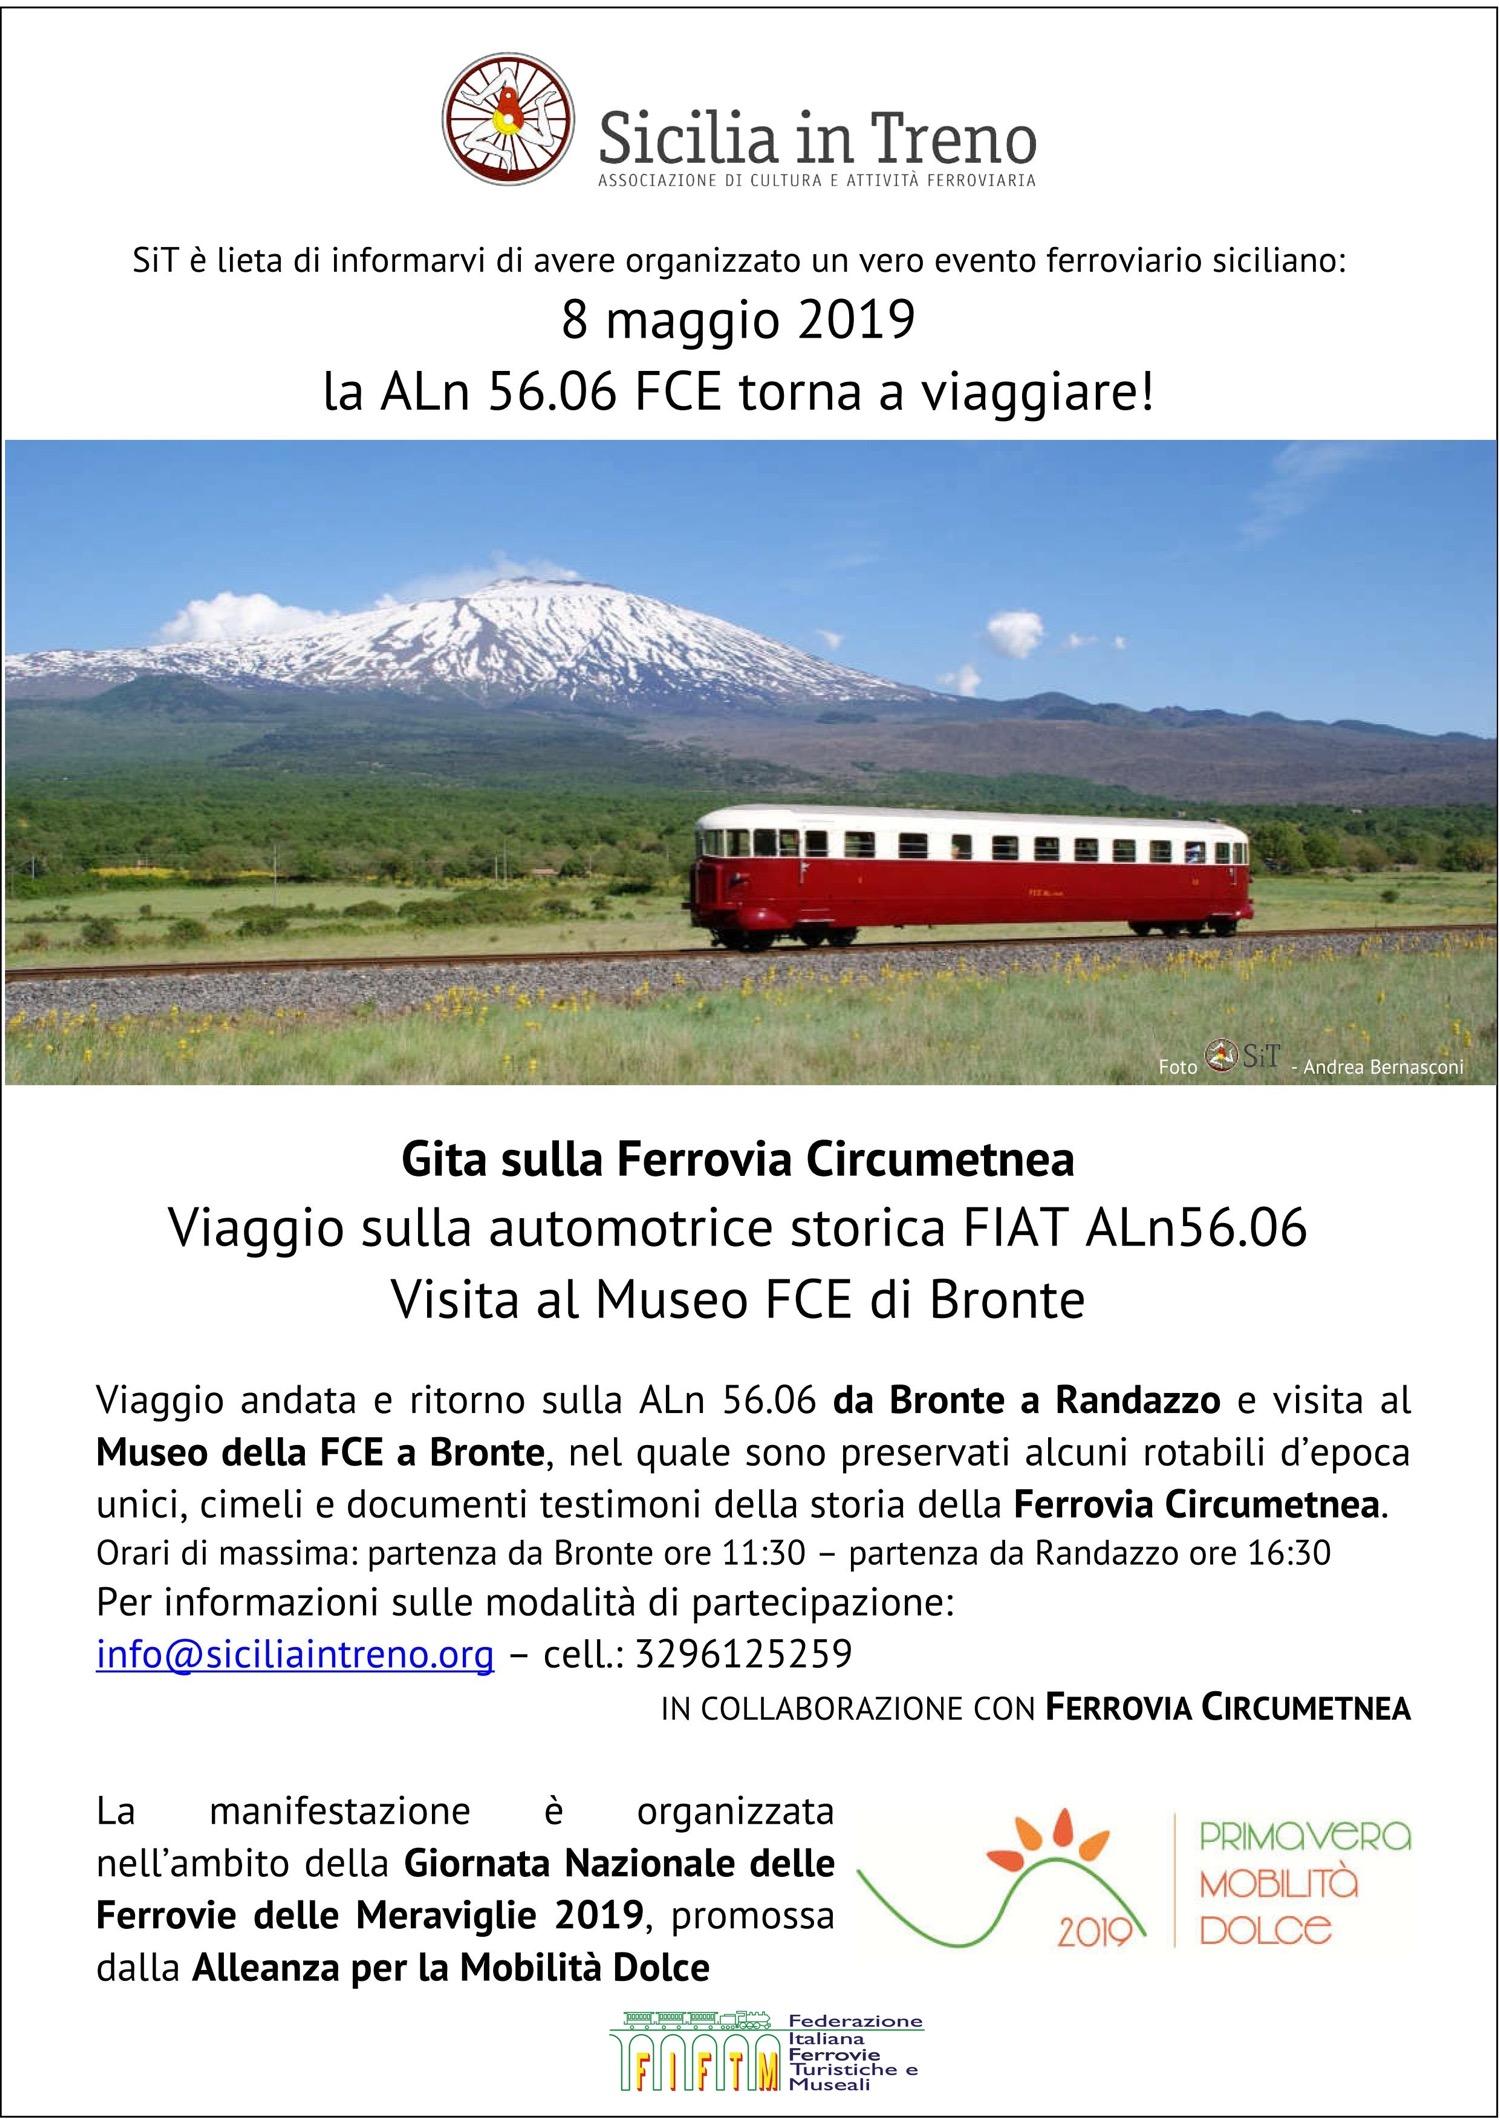 8 maggio 2019 - Gita sulla Ferrovia Circumetnea a bordo della Littorina ALn56.06